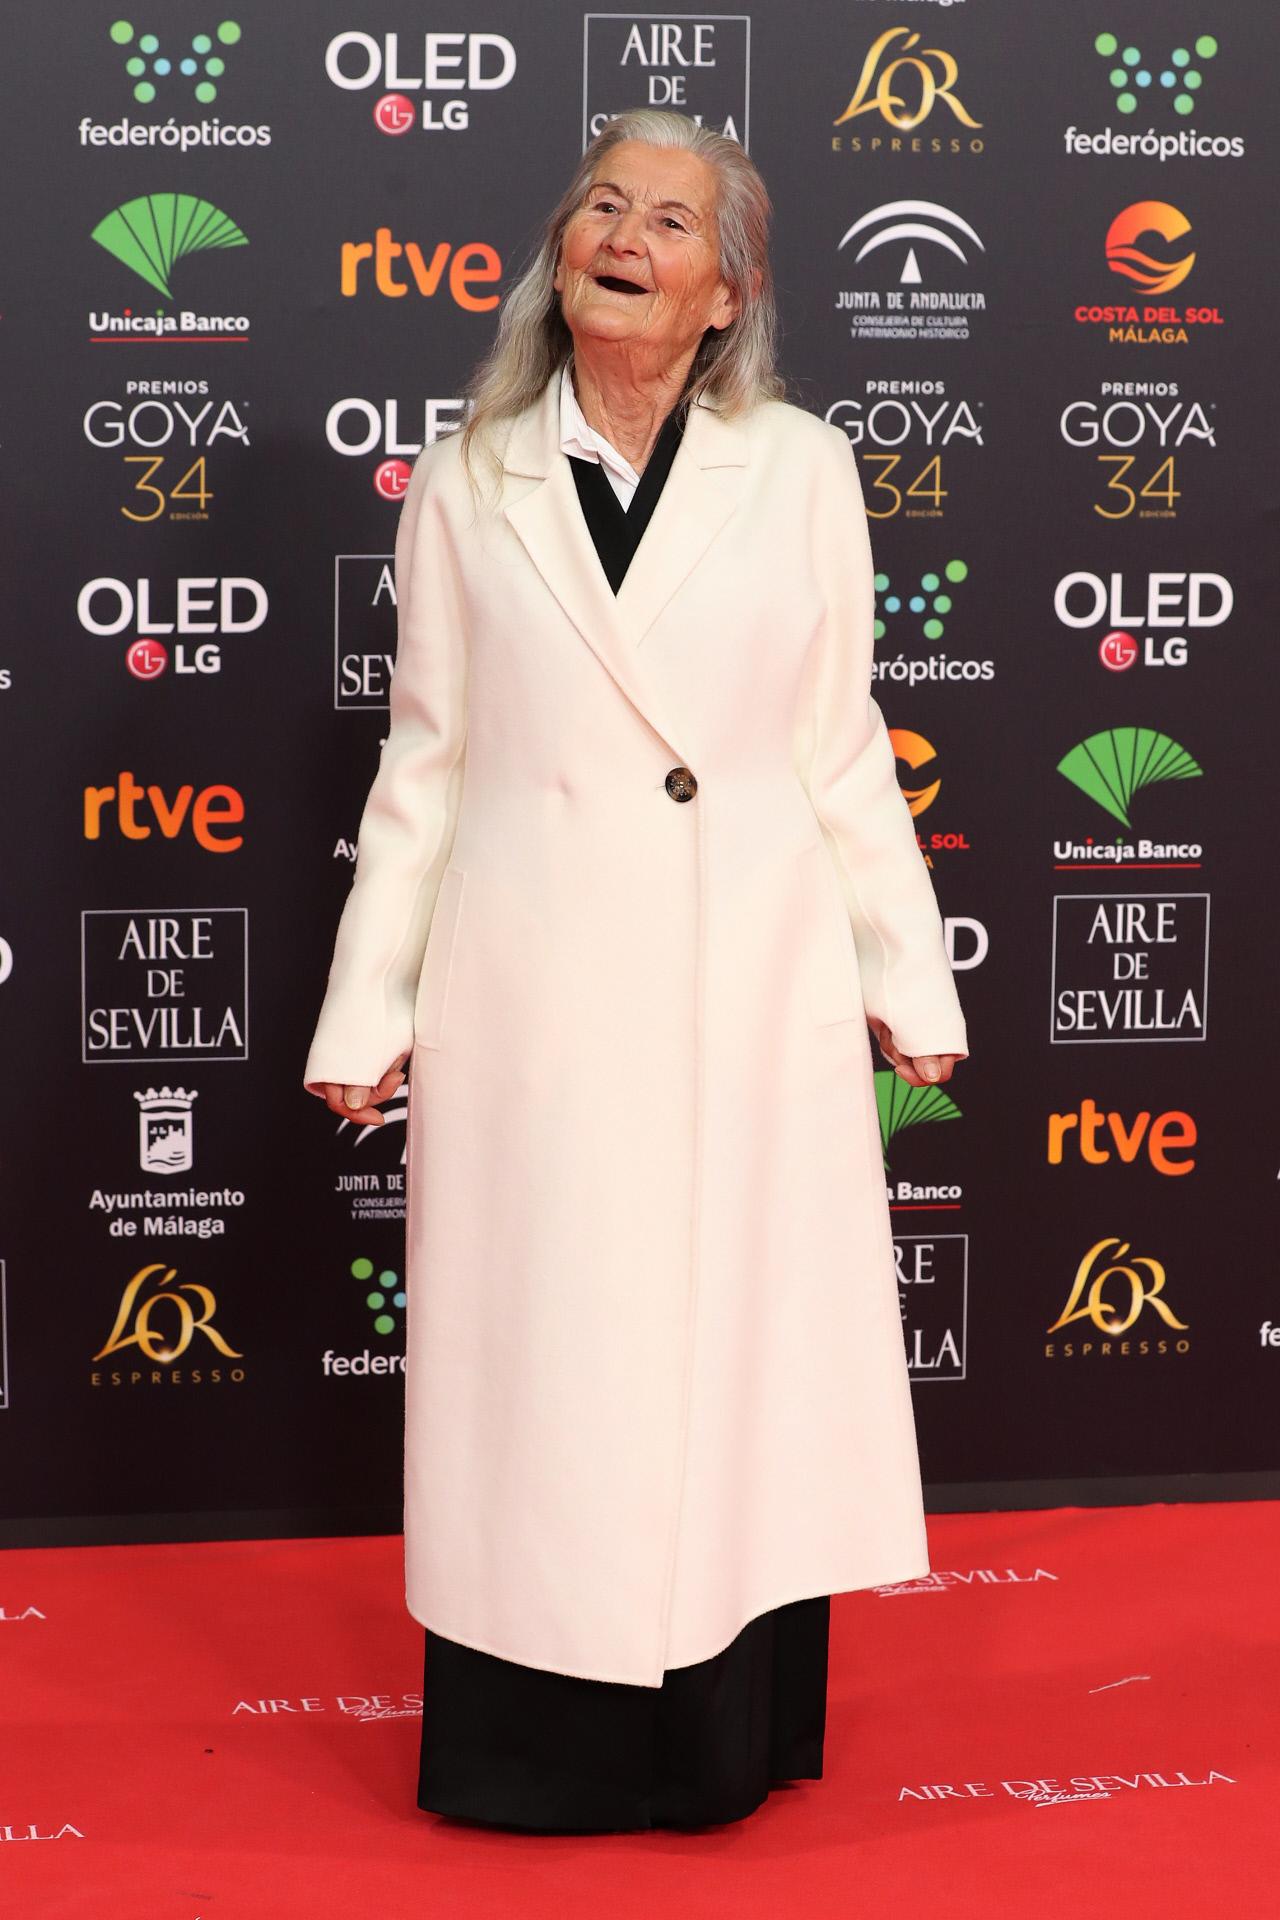 Benedicta Sánchez a la llegada a los Goya 2020 con un abrigo de archivo de Adolfo Domínguez.